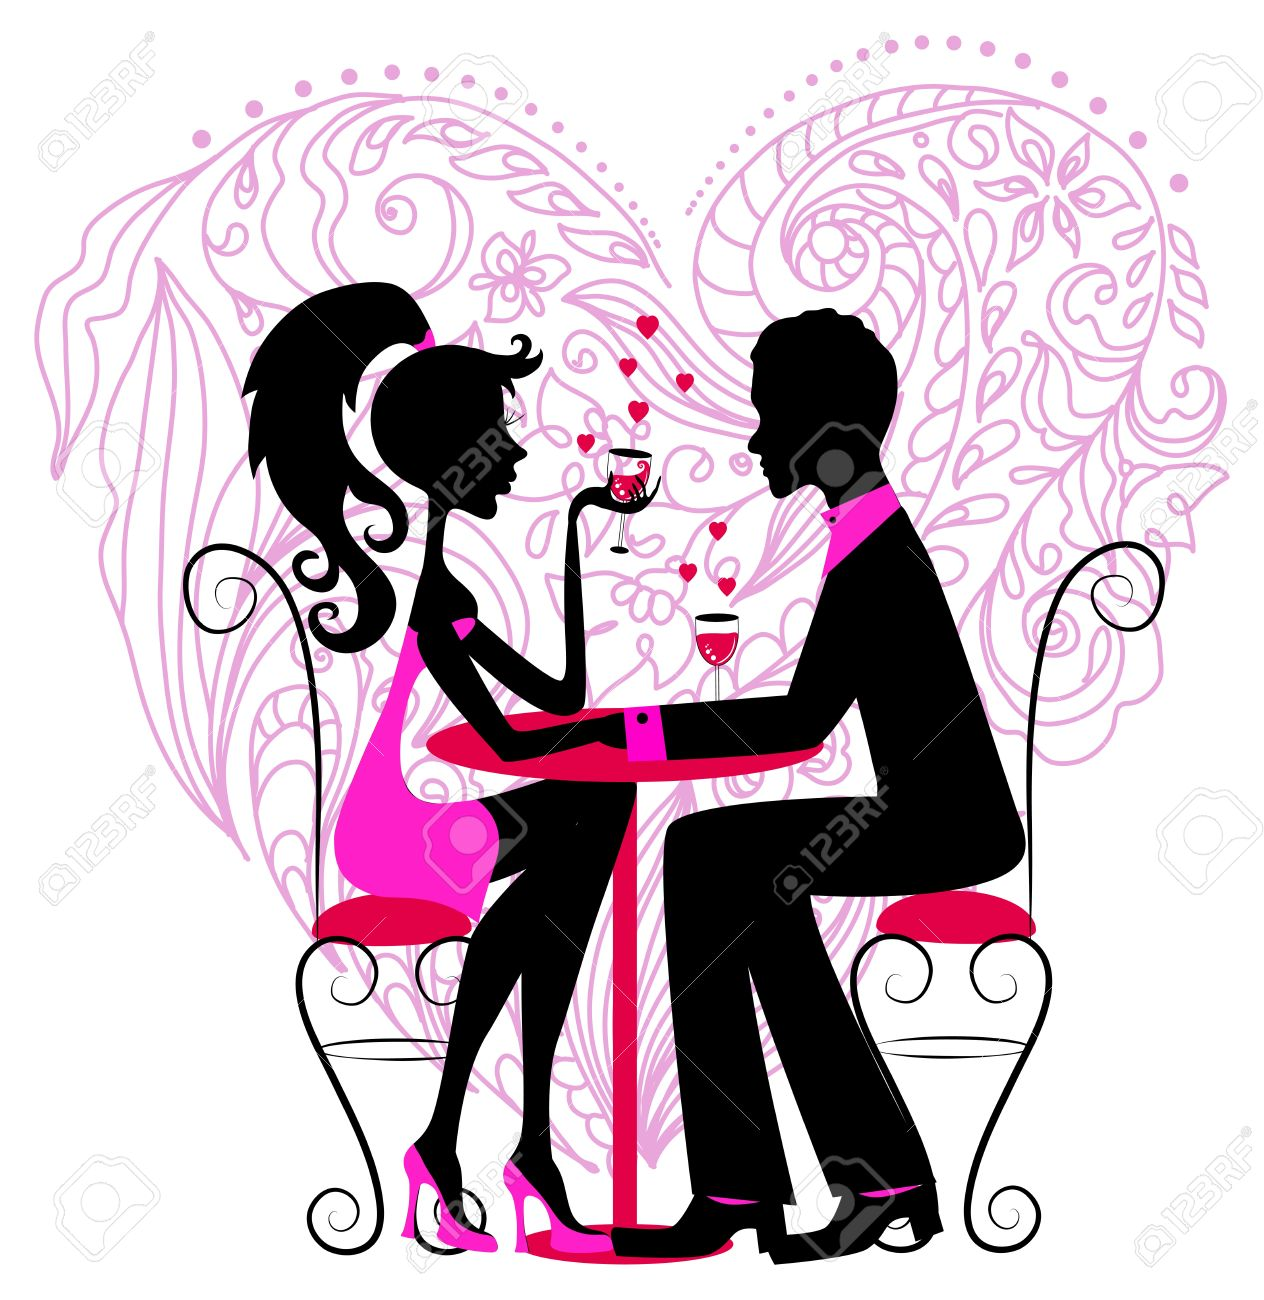 バレンタインのデザインのための花の中心にロマンチックなカップルの